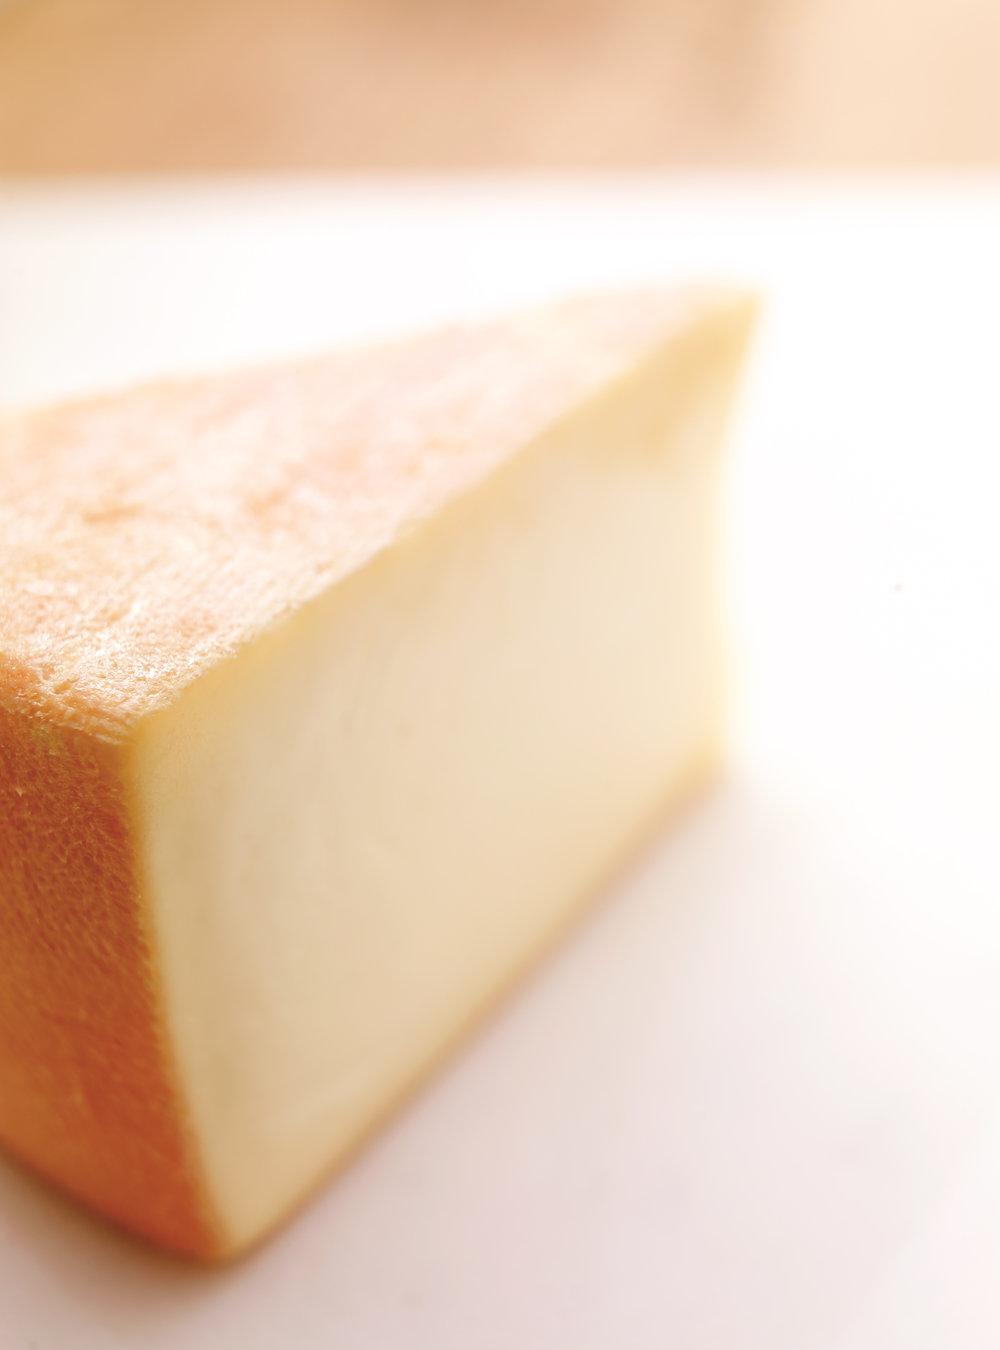 Gratin de purée de pommes de terre au fromage oka | ricardo